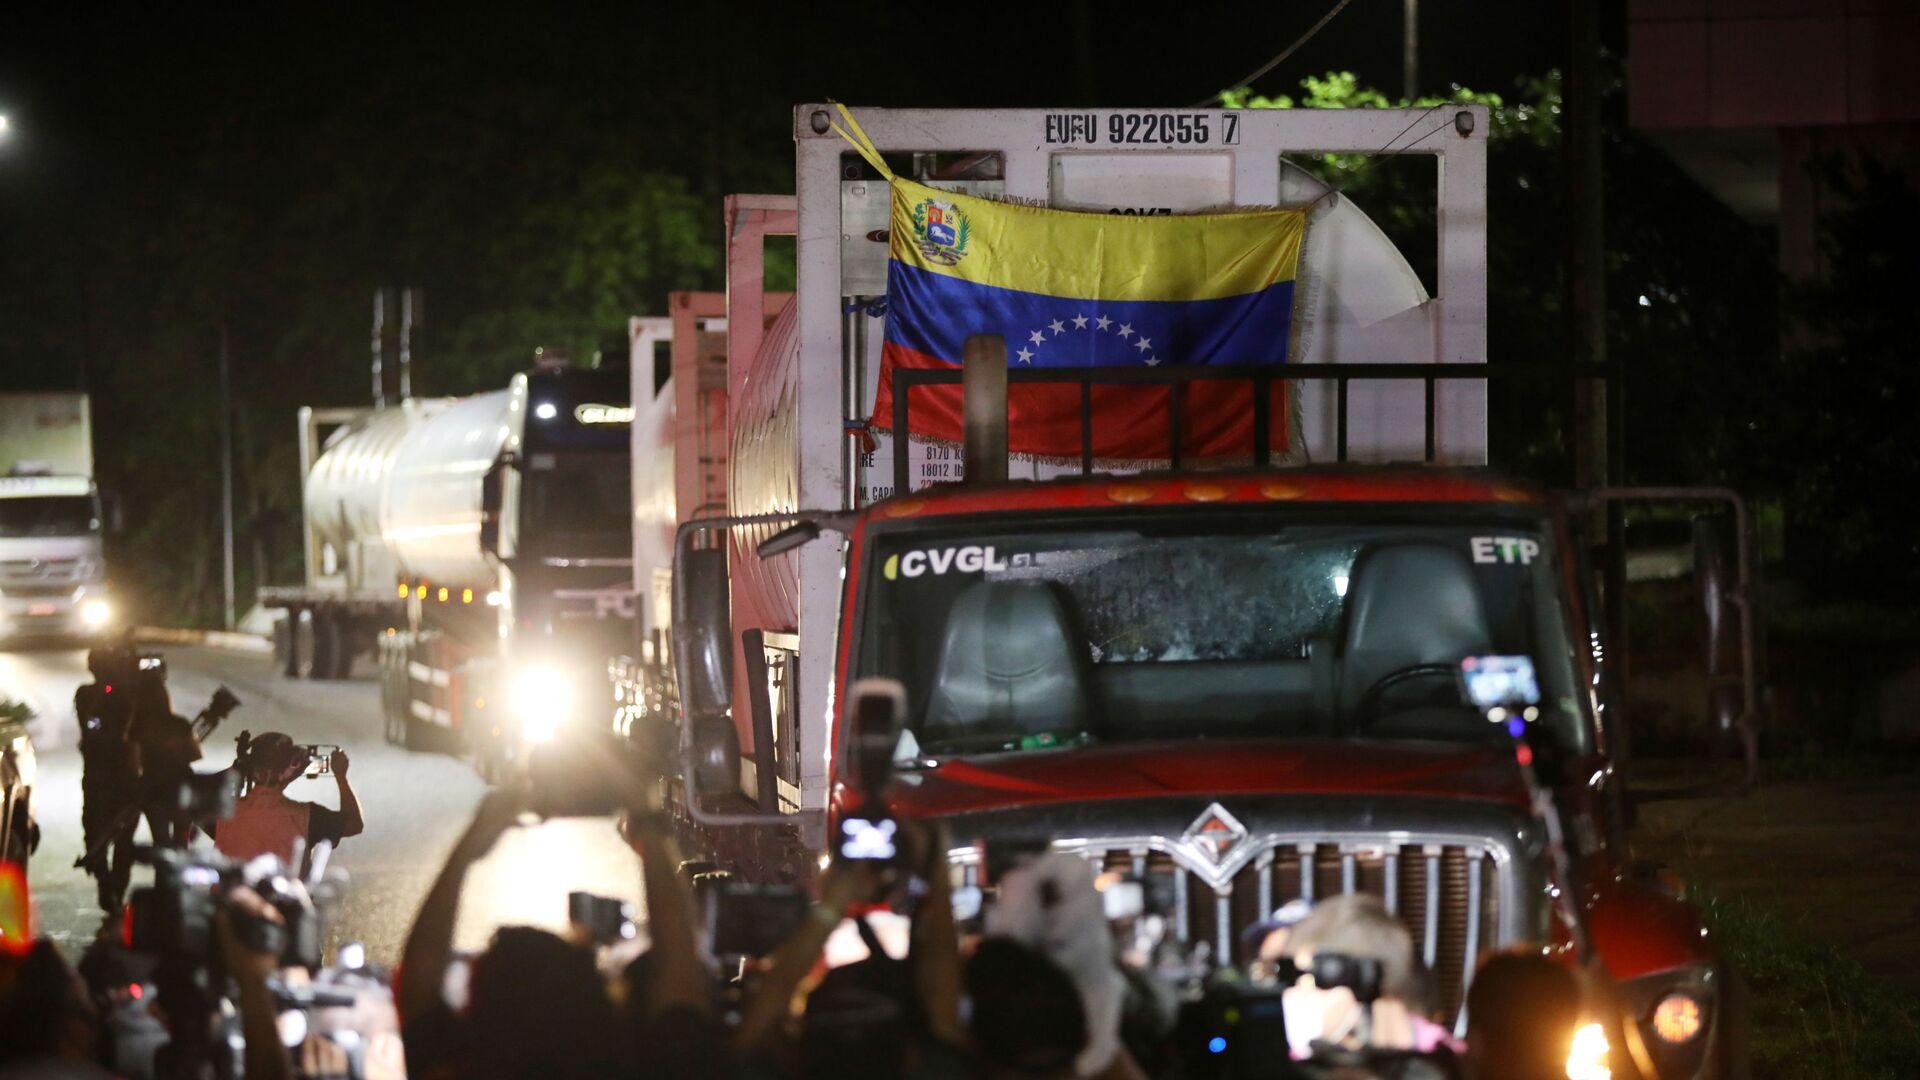 Camiones de oxígeno de Venezuela van a Manaos, Brasil (Archivo) - Sputnik Mundo, 1920, 05.02.2021